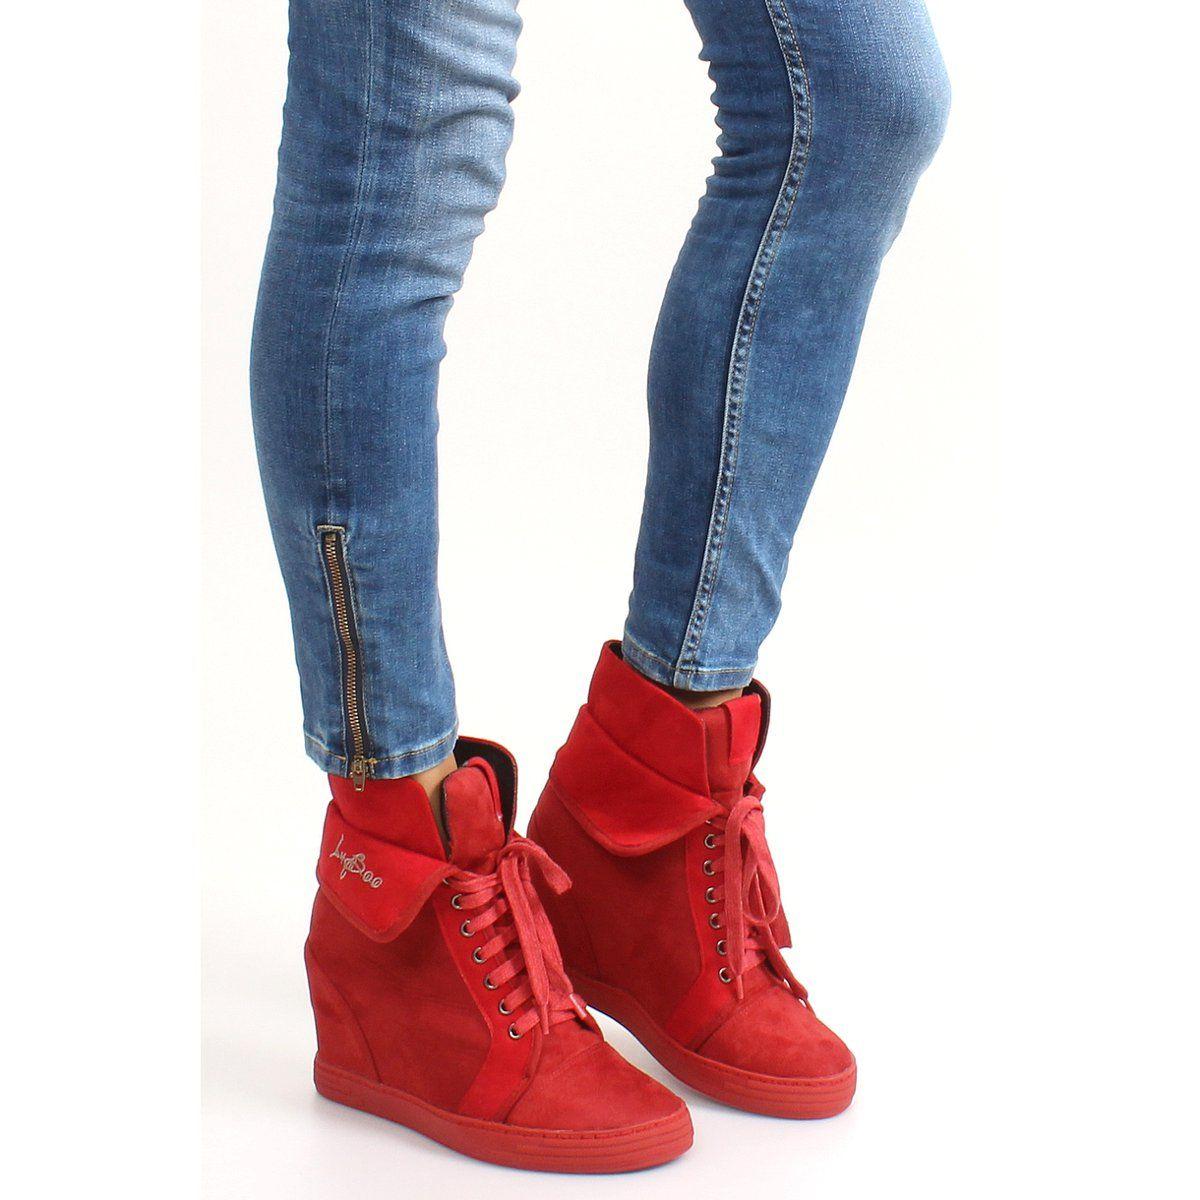 Sneakersy Zamszowe B12 22 Red Czerwone Wedge Sneaker Shoes Sneakers